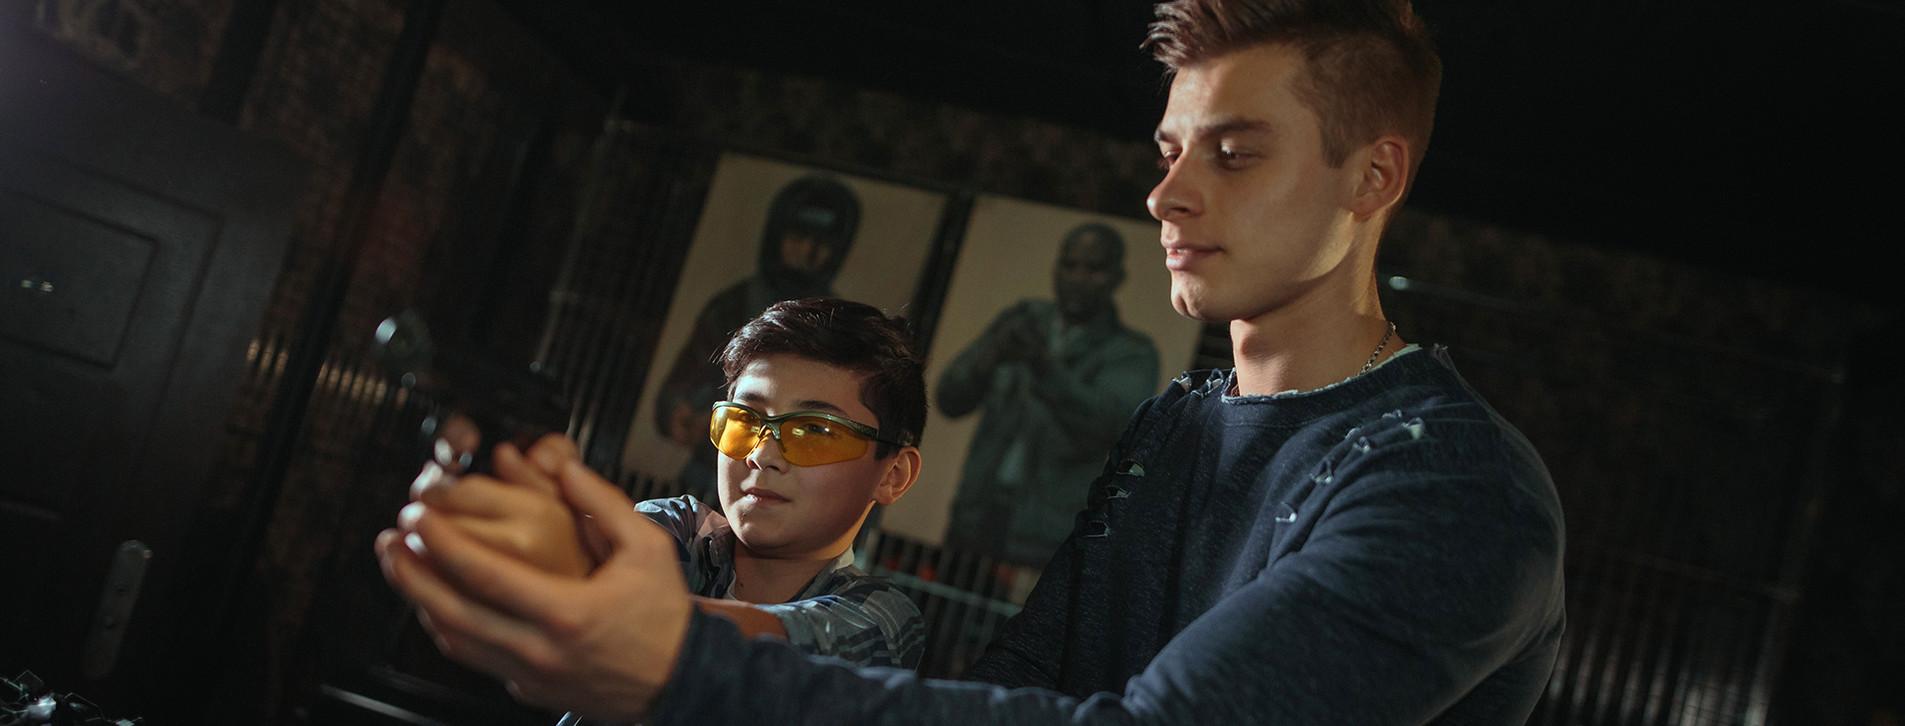 Фото - Детский мастер-класс пневматической стрельбы